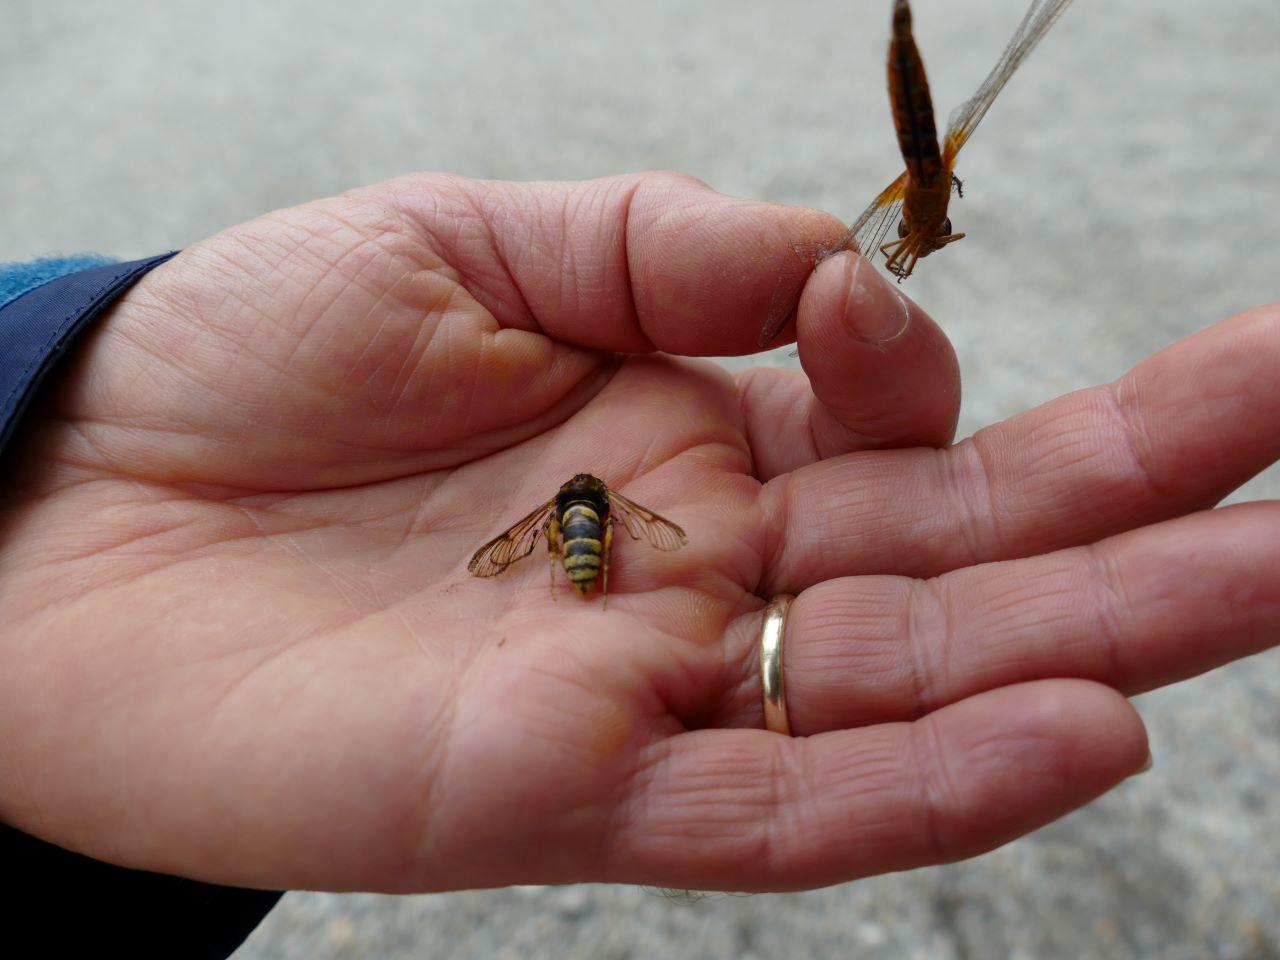 Zum Start der Veranstaltung wurden zwei Totfunde vorgestellt, in der Bildmitte ein Hornissen-Glasflügler